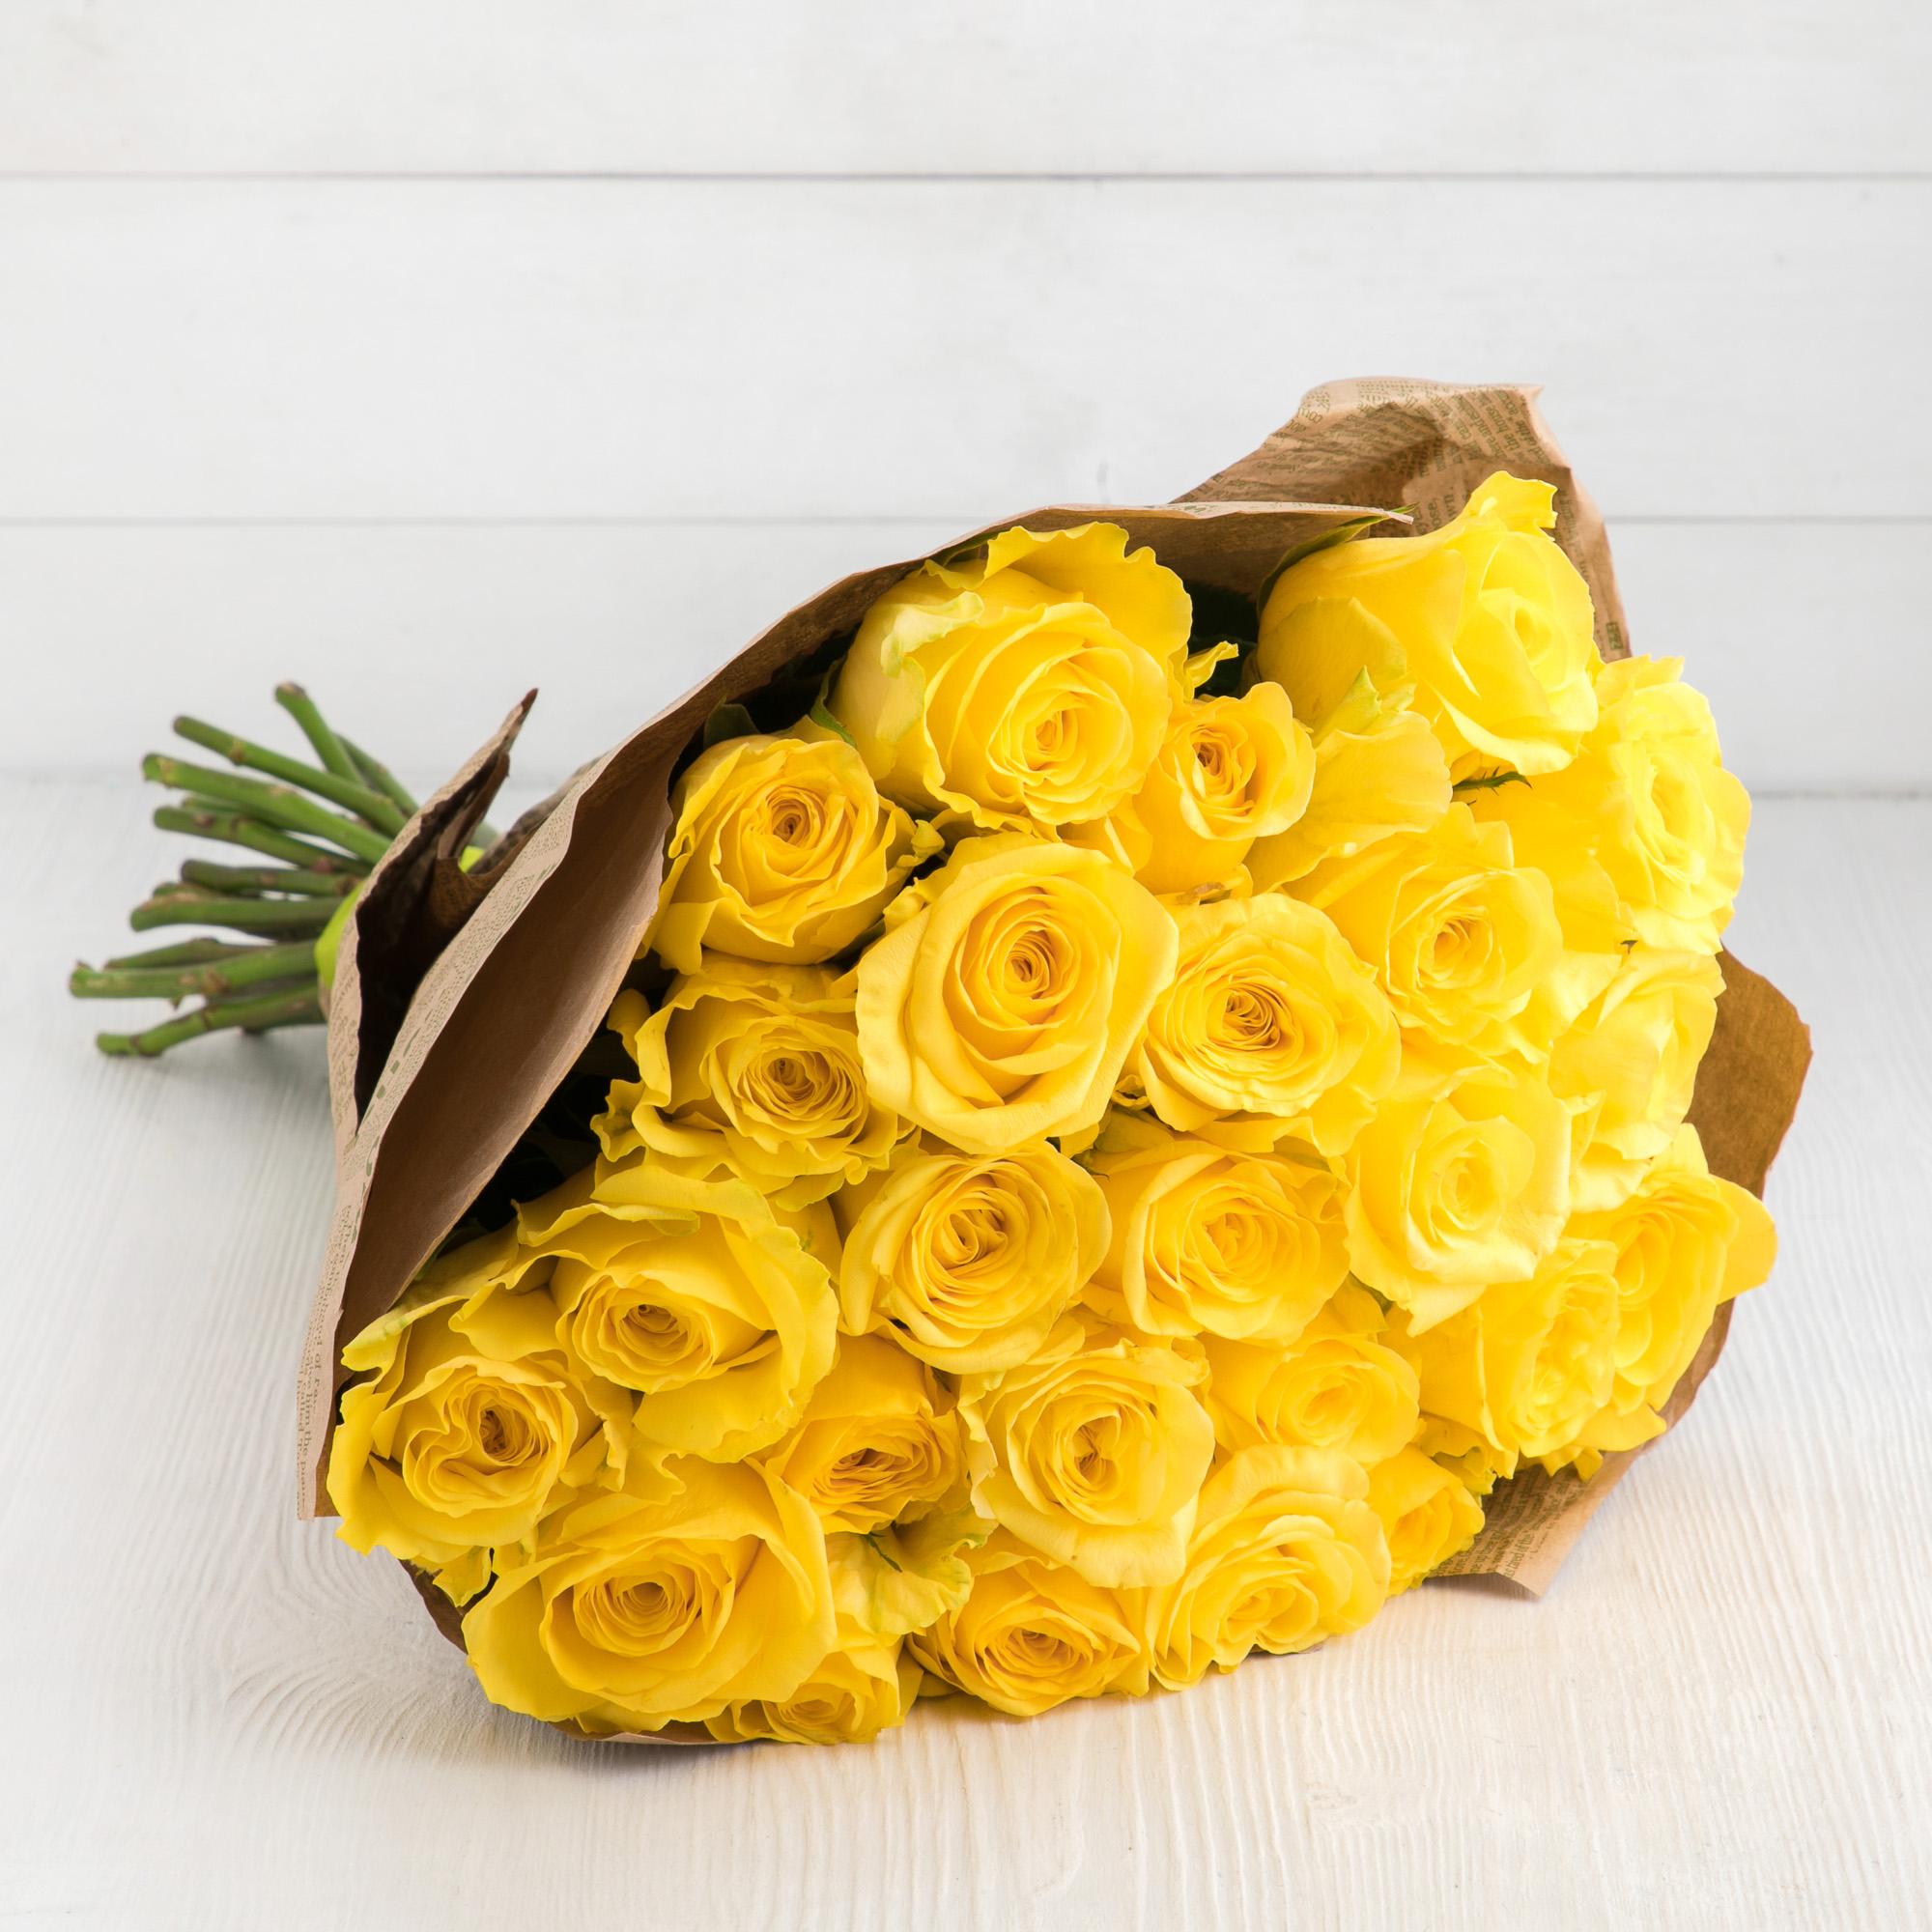 красивый букет из желтых роз размер вес